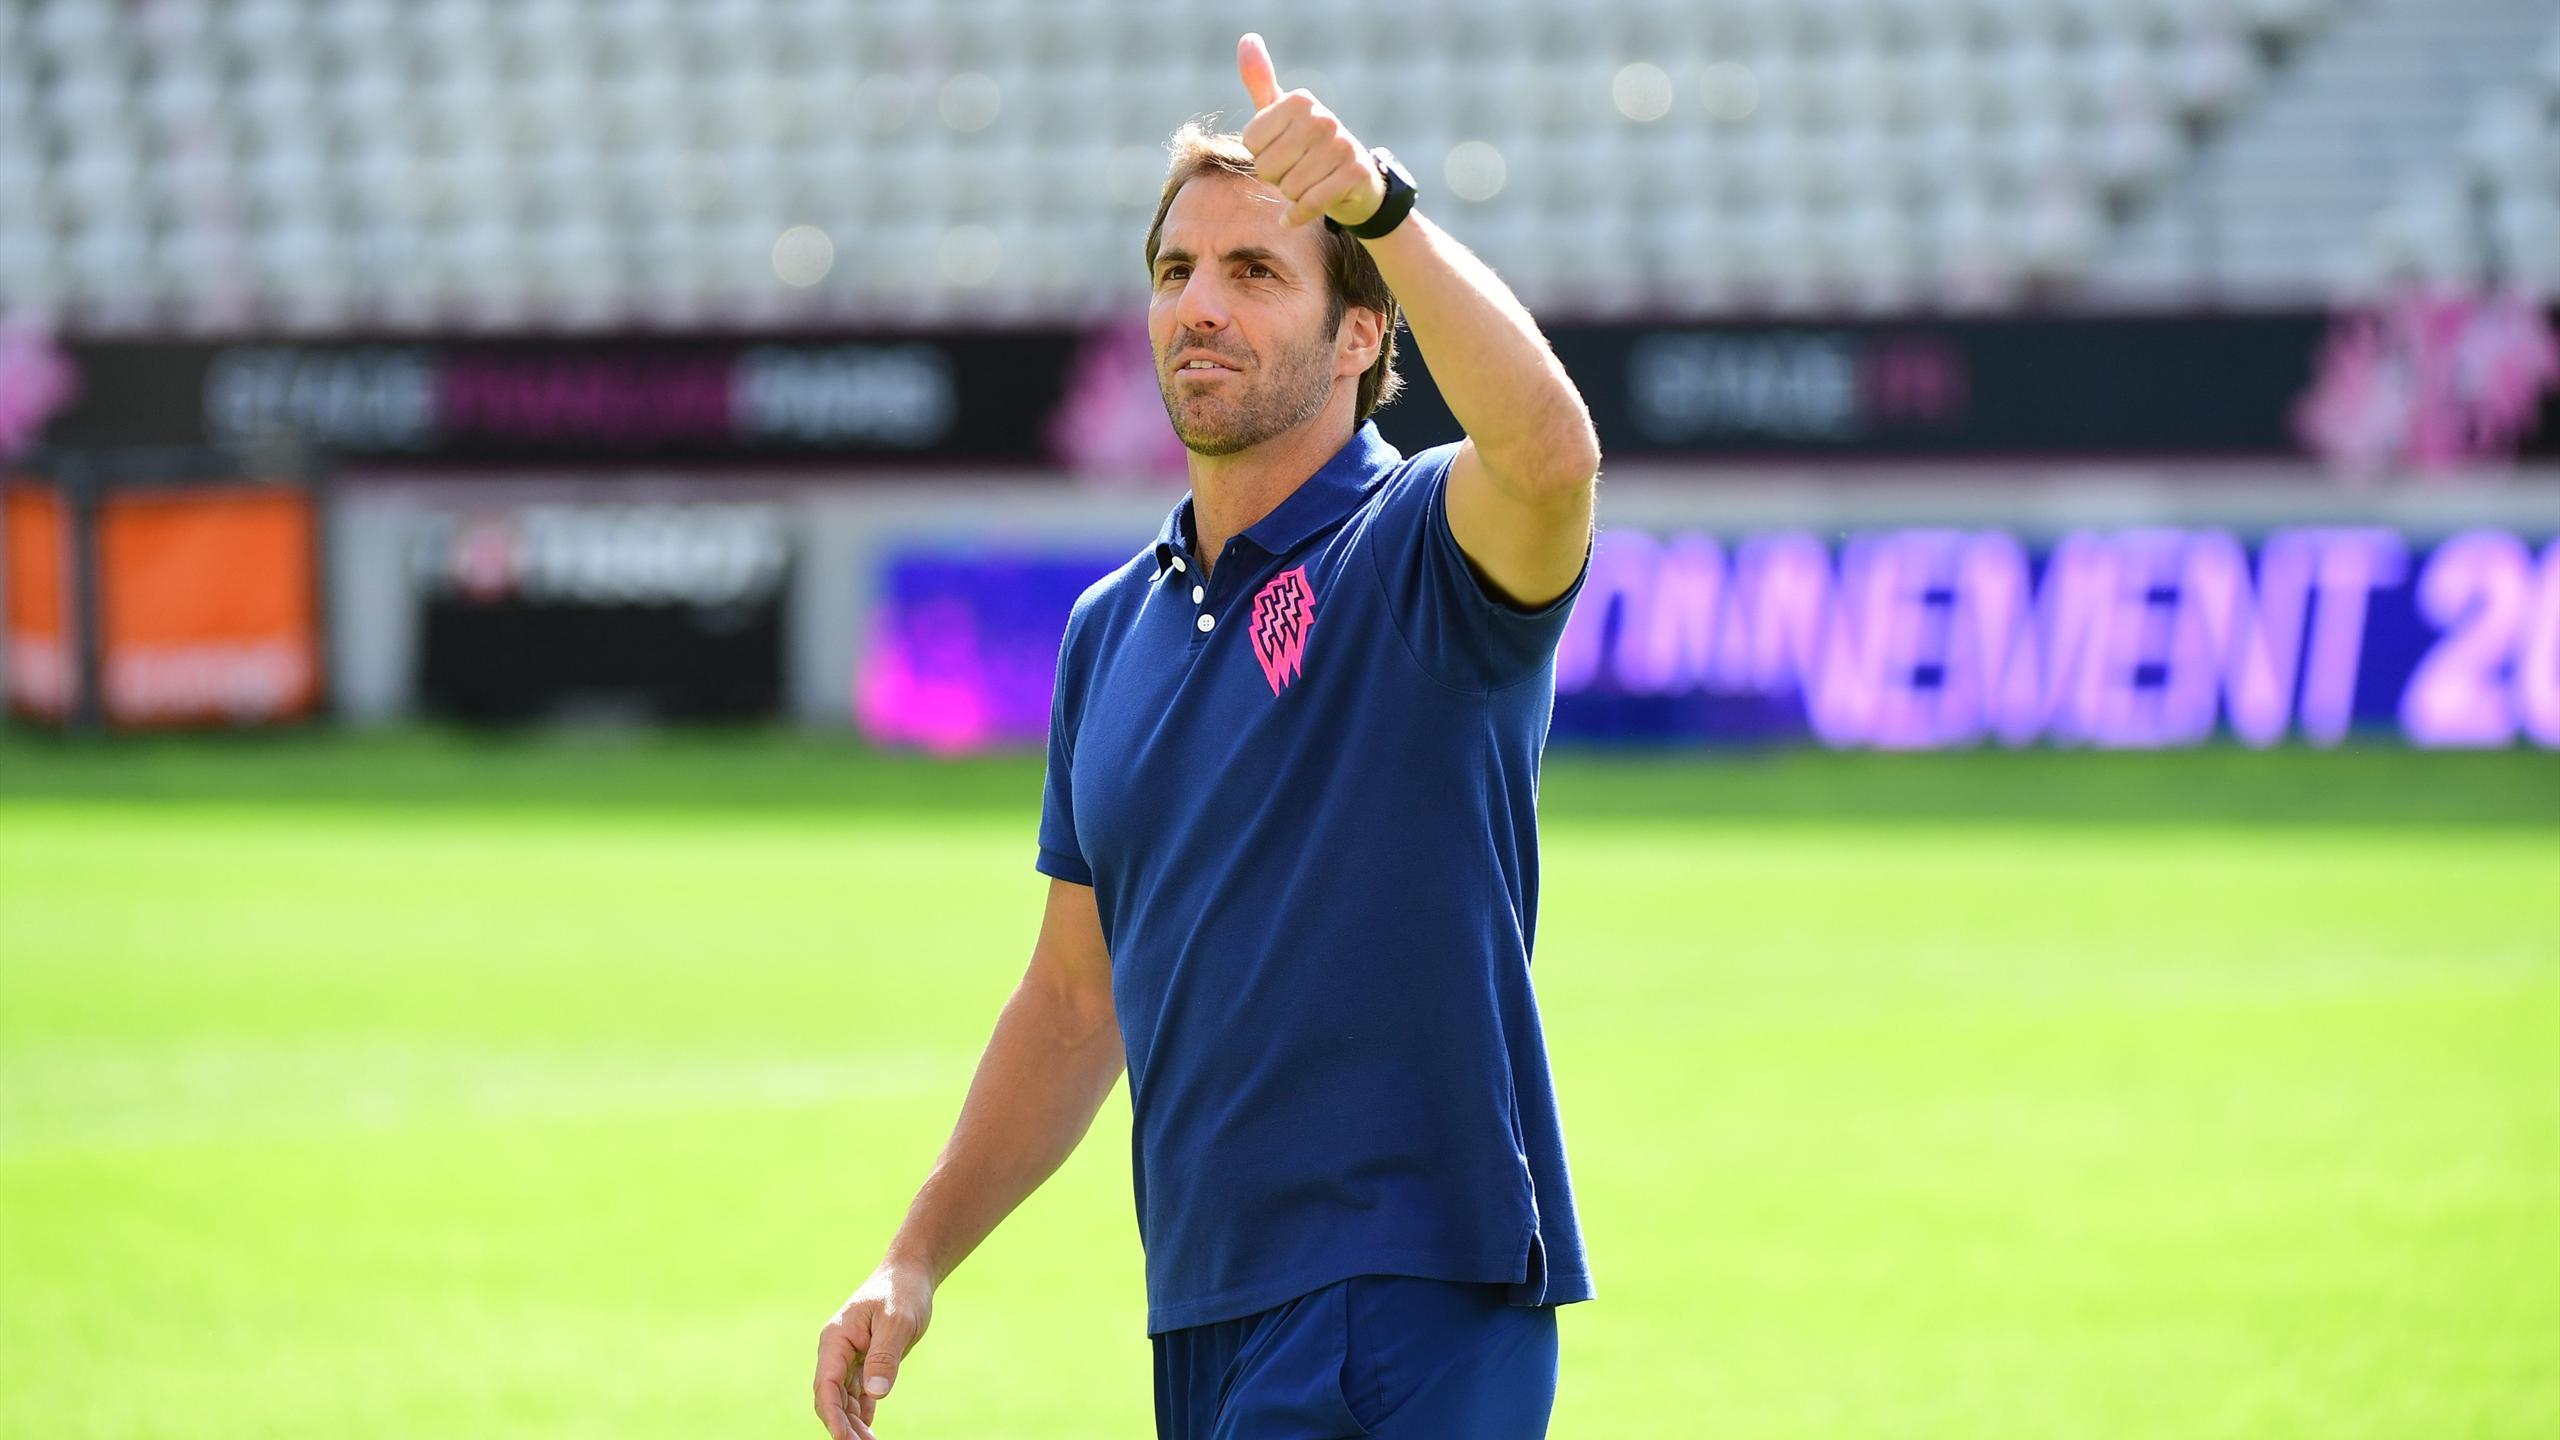 Gonzalo Quesada (Stade français)